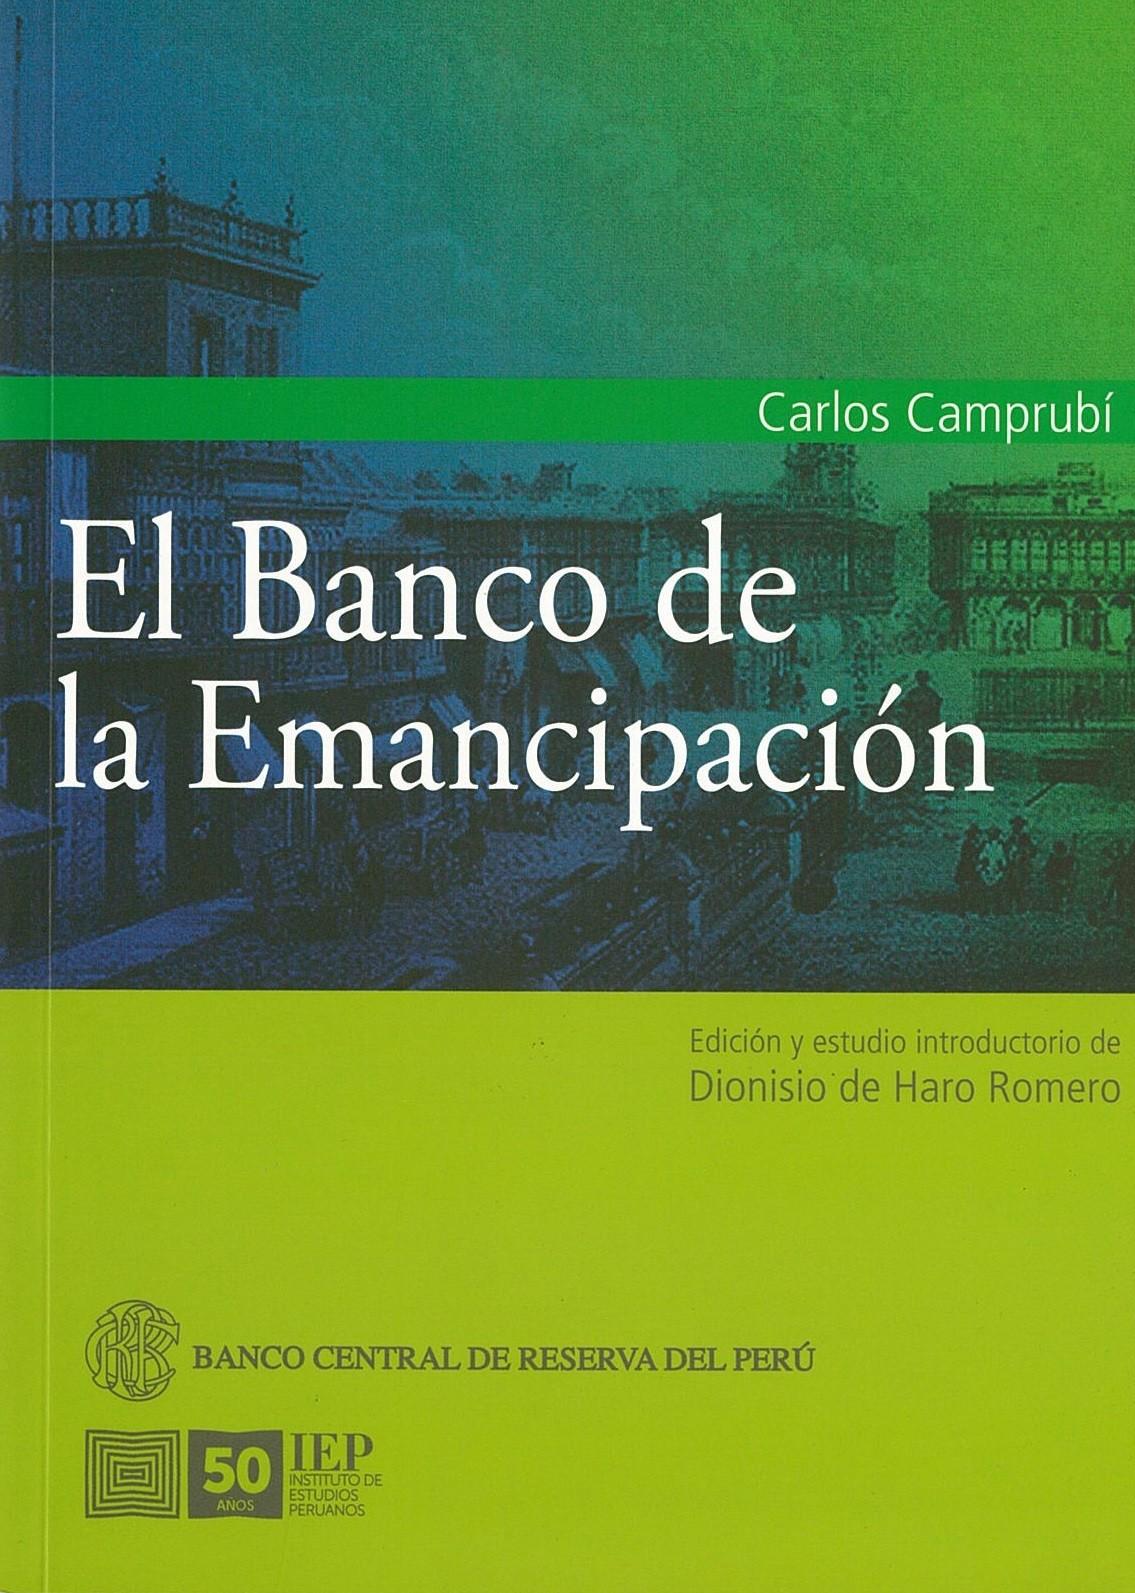 El banco de la emancipación